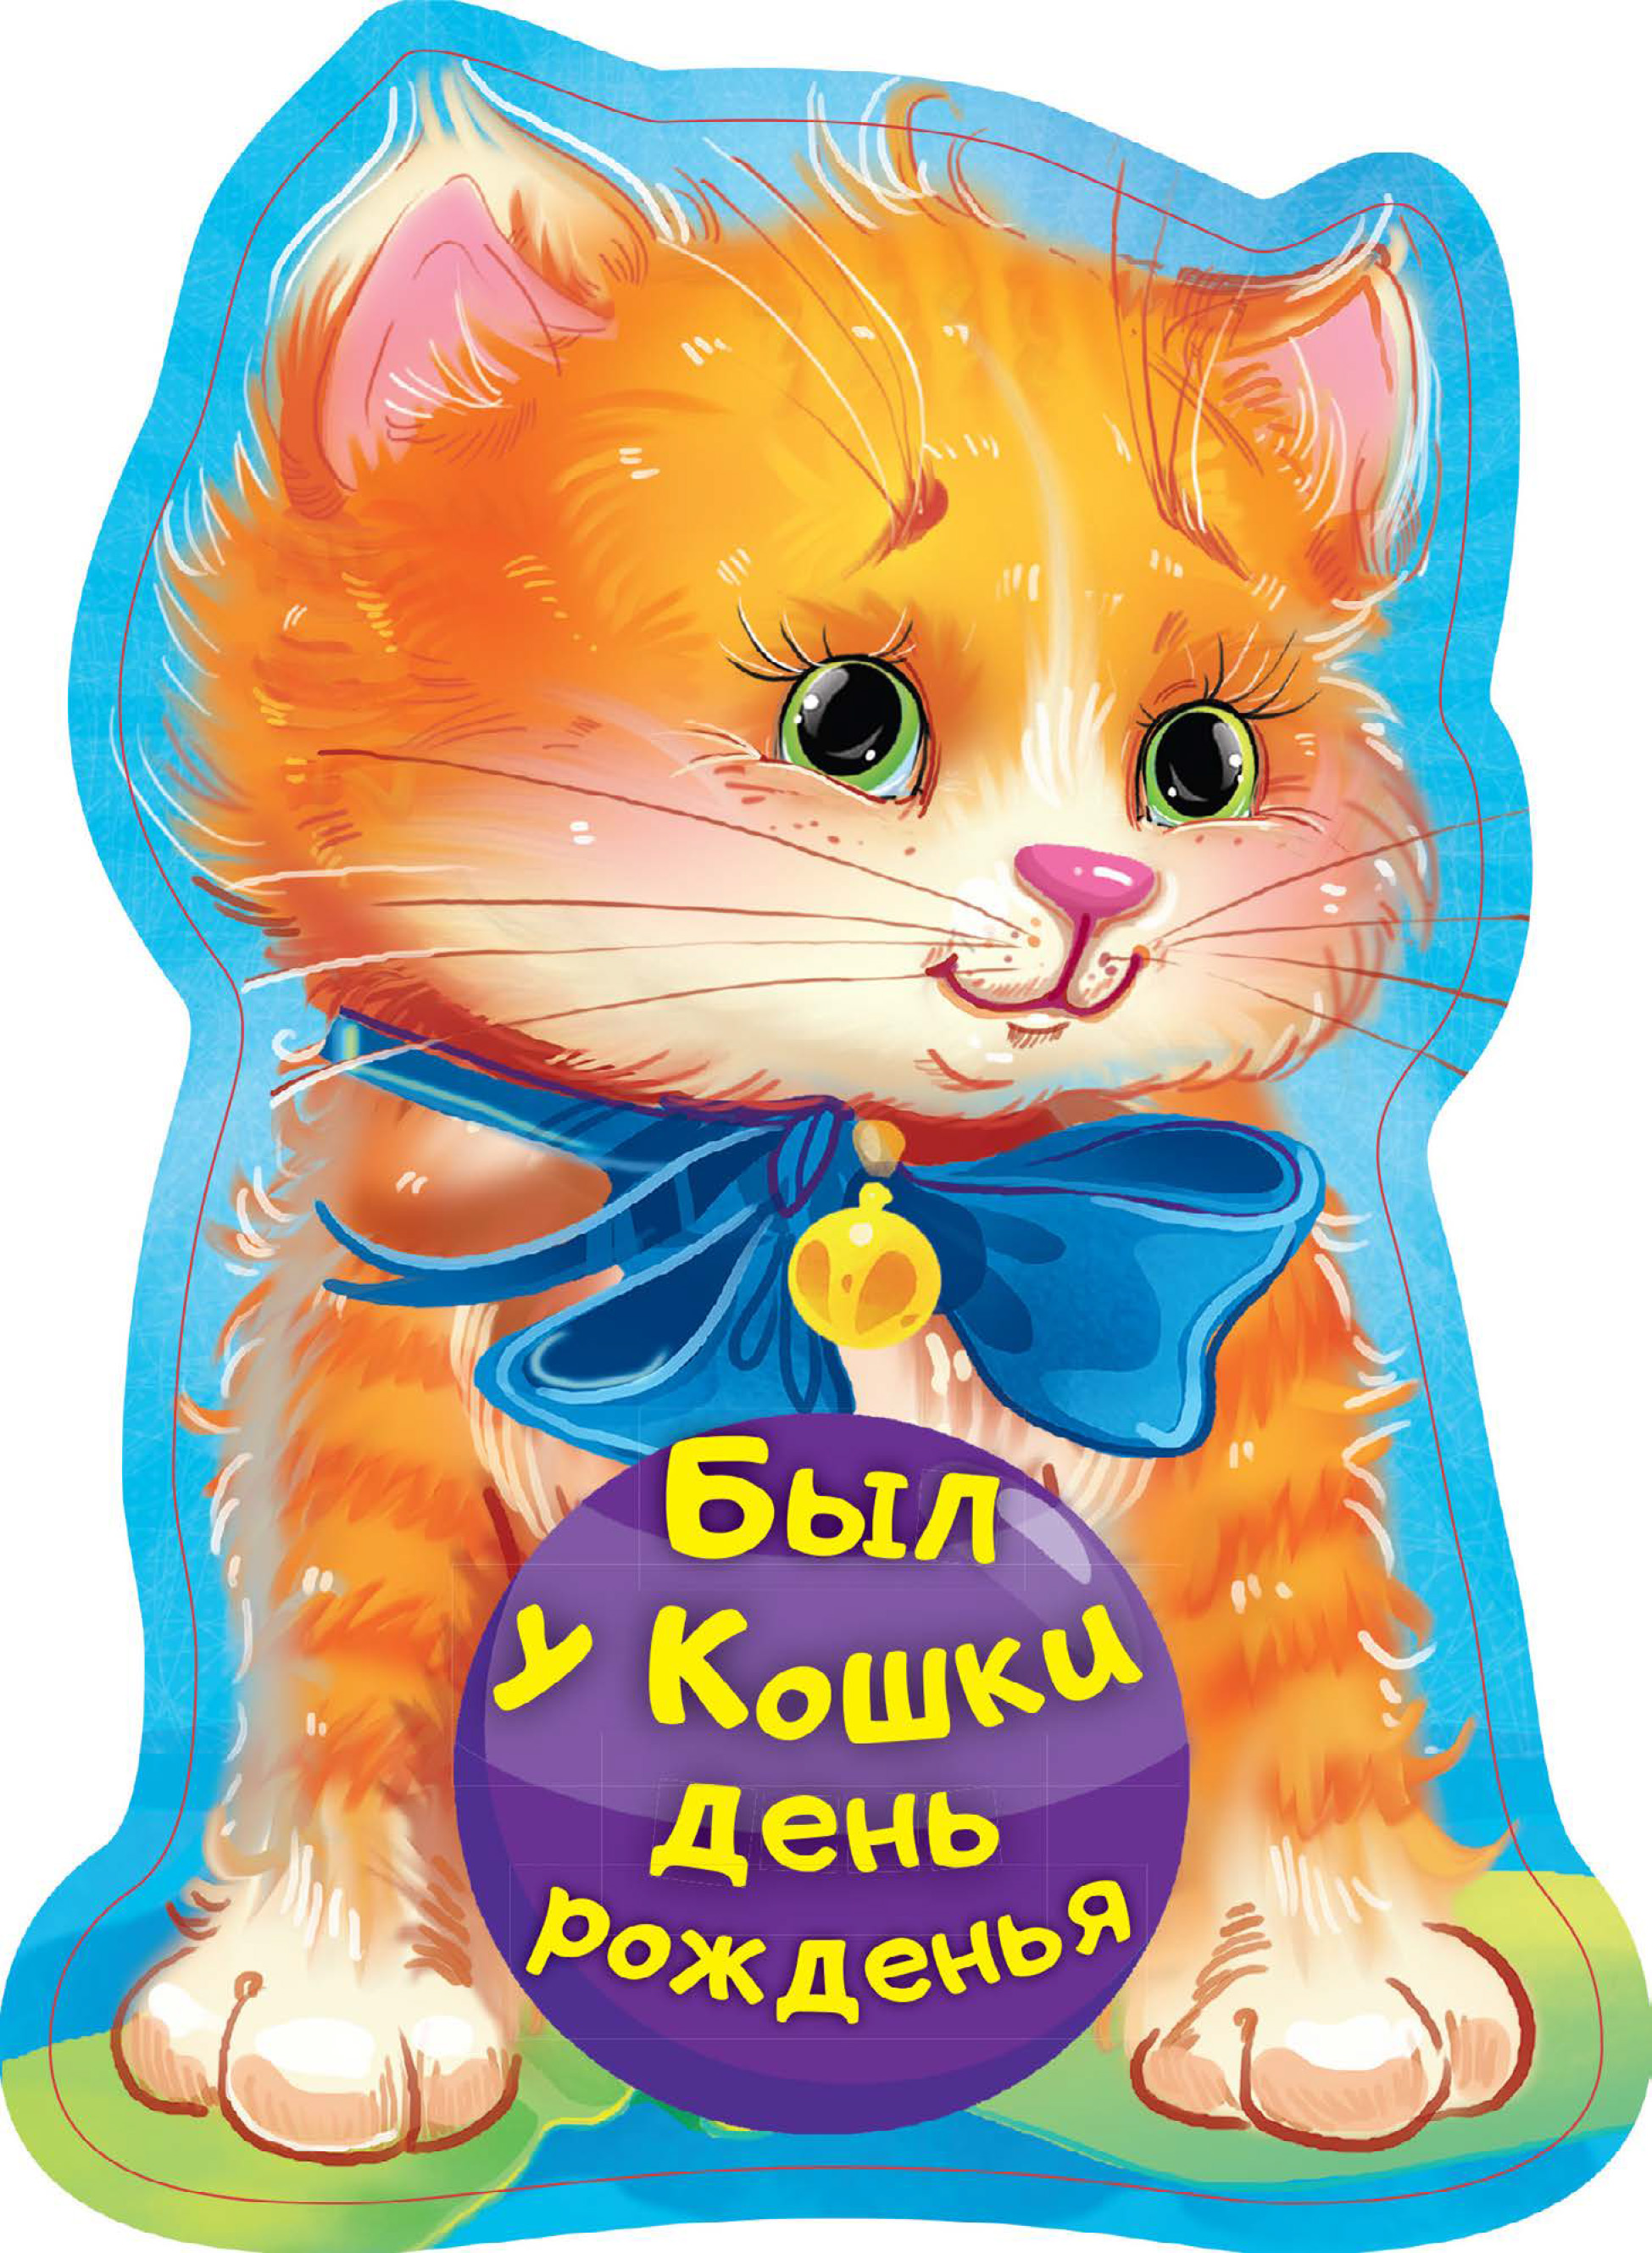 Нина Пикулева Был у кошки день рожденья издательство аст стихи и загадки был у кошки день рожденья